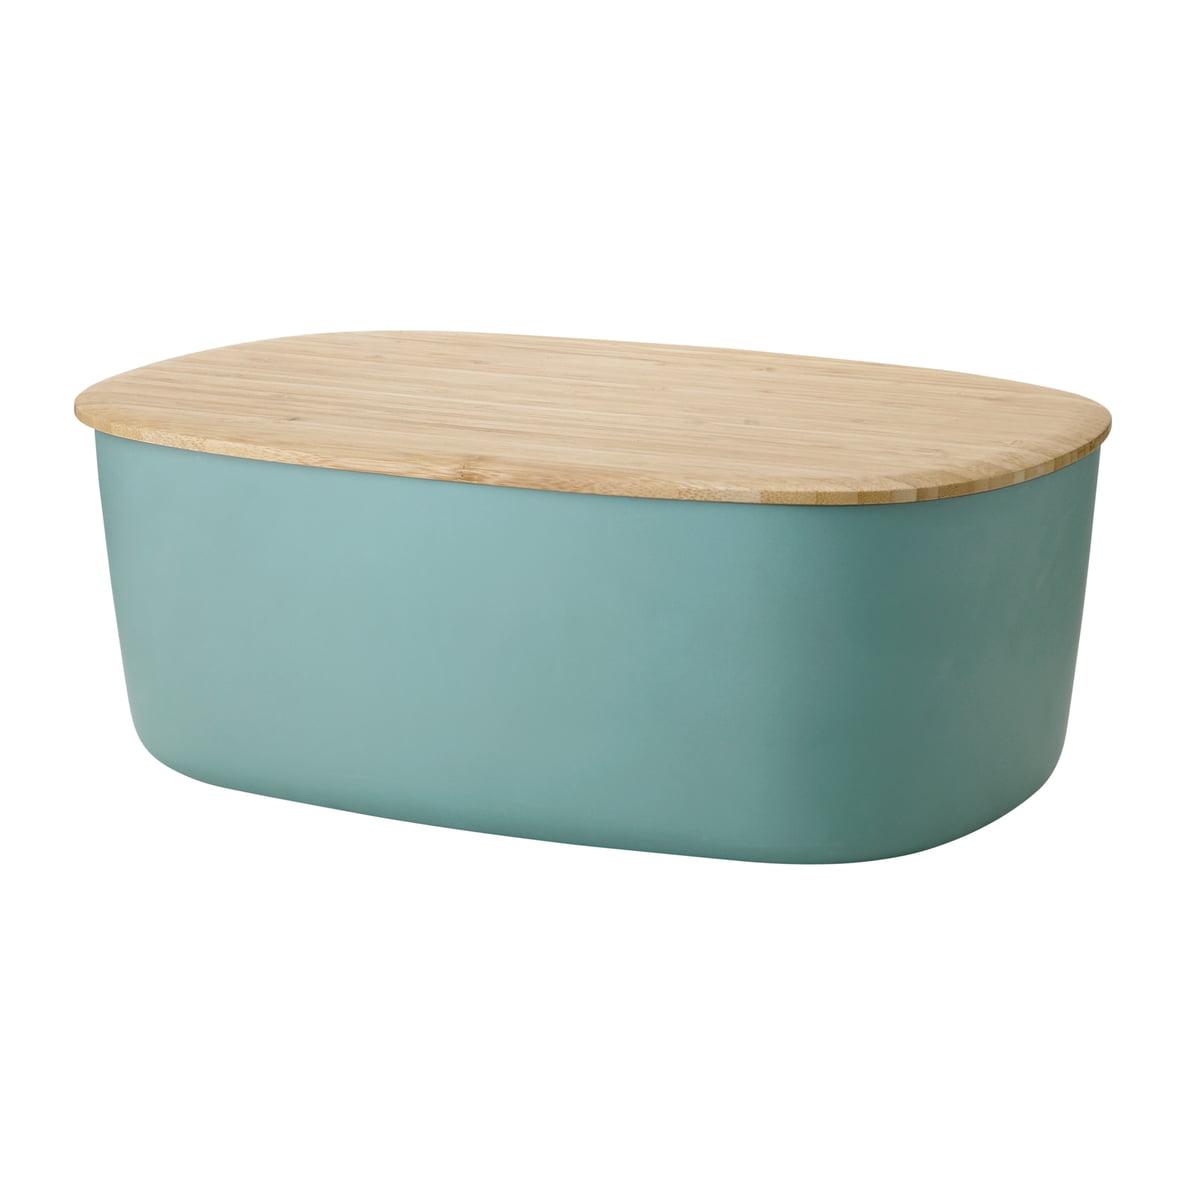 Stelton-Box-it-bread-box-dusty-green-freisteller